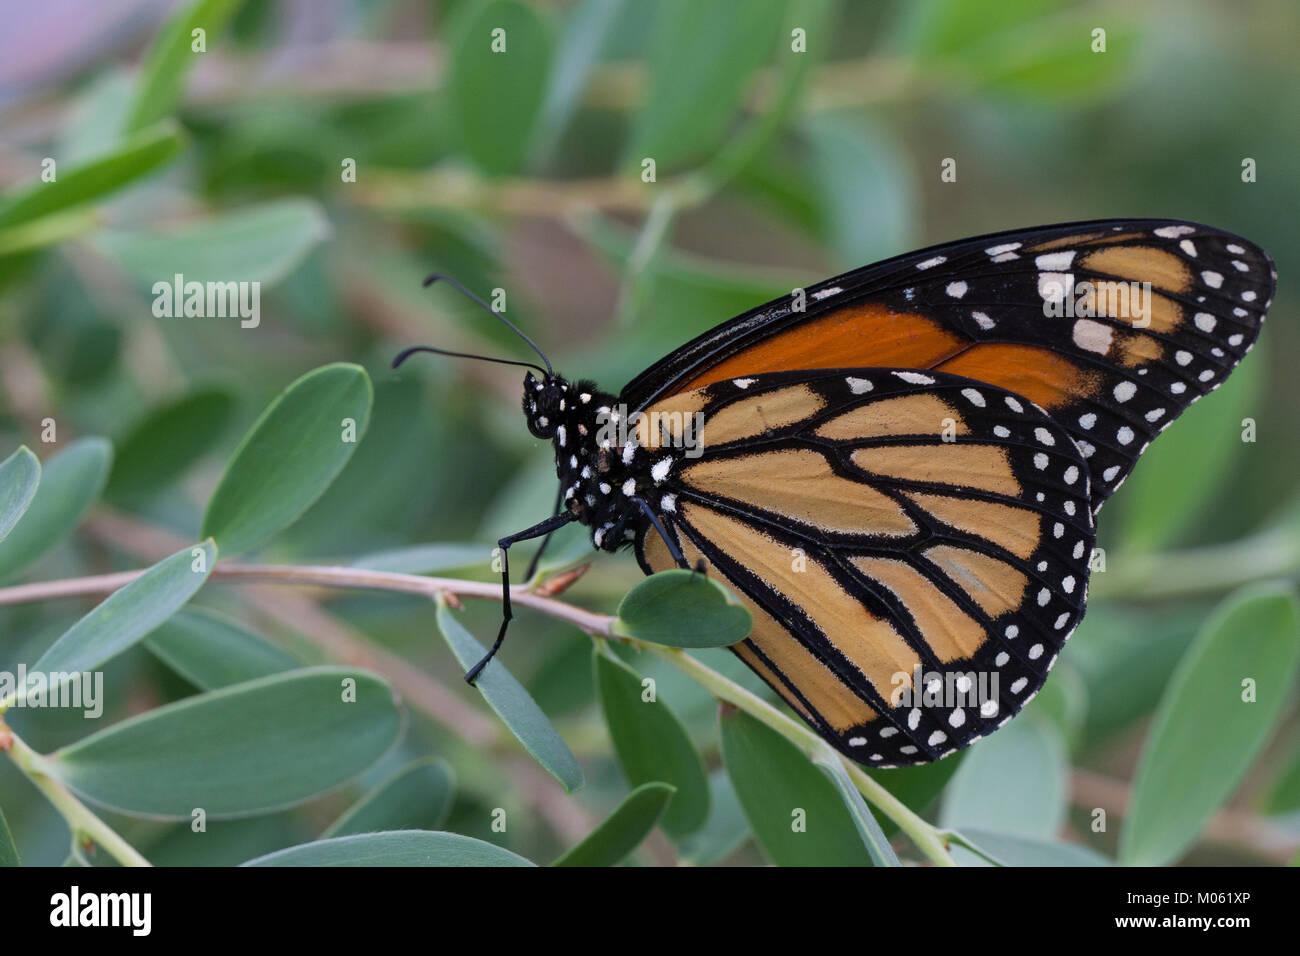 Monarchfalter, Monarch-Falter, Amerikanischer Monarch, Monarch, Danaus plexippus, Monarch butterfly, Wanderfalter, - Stock Image